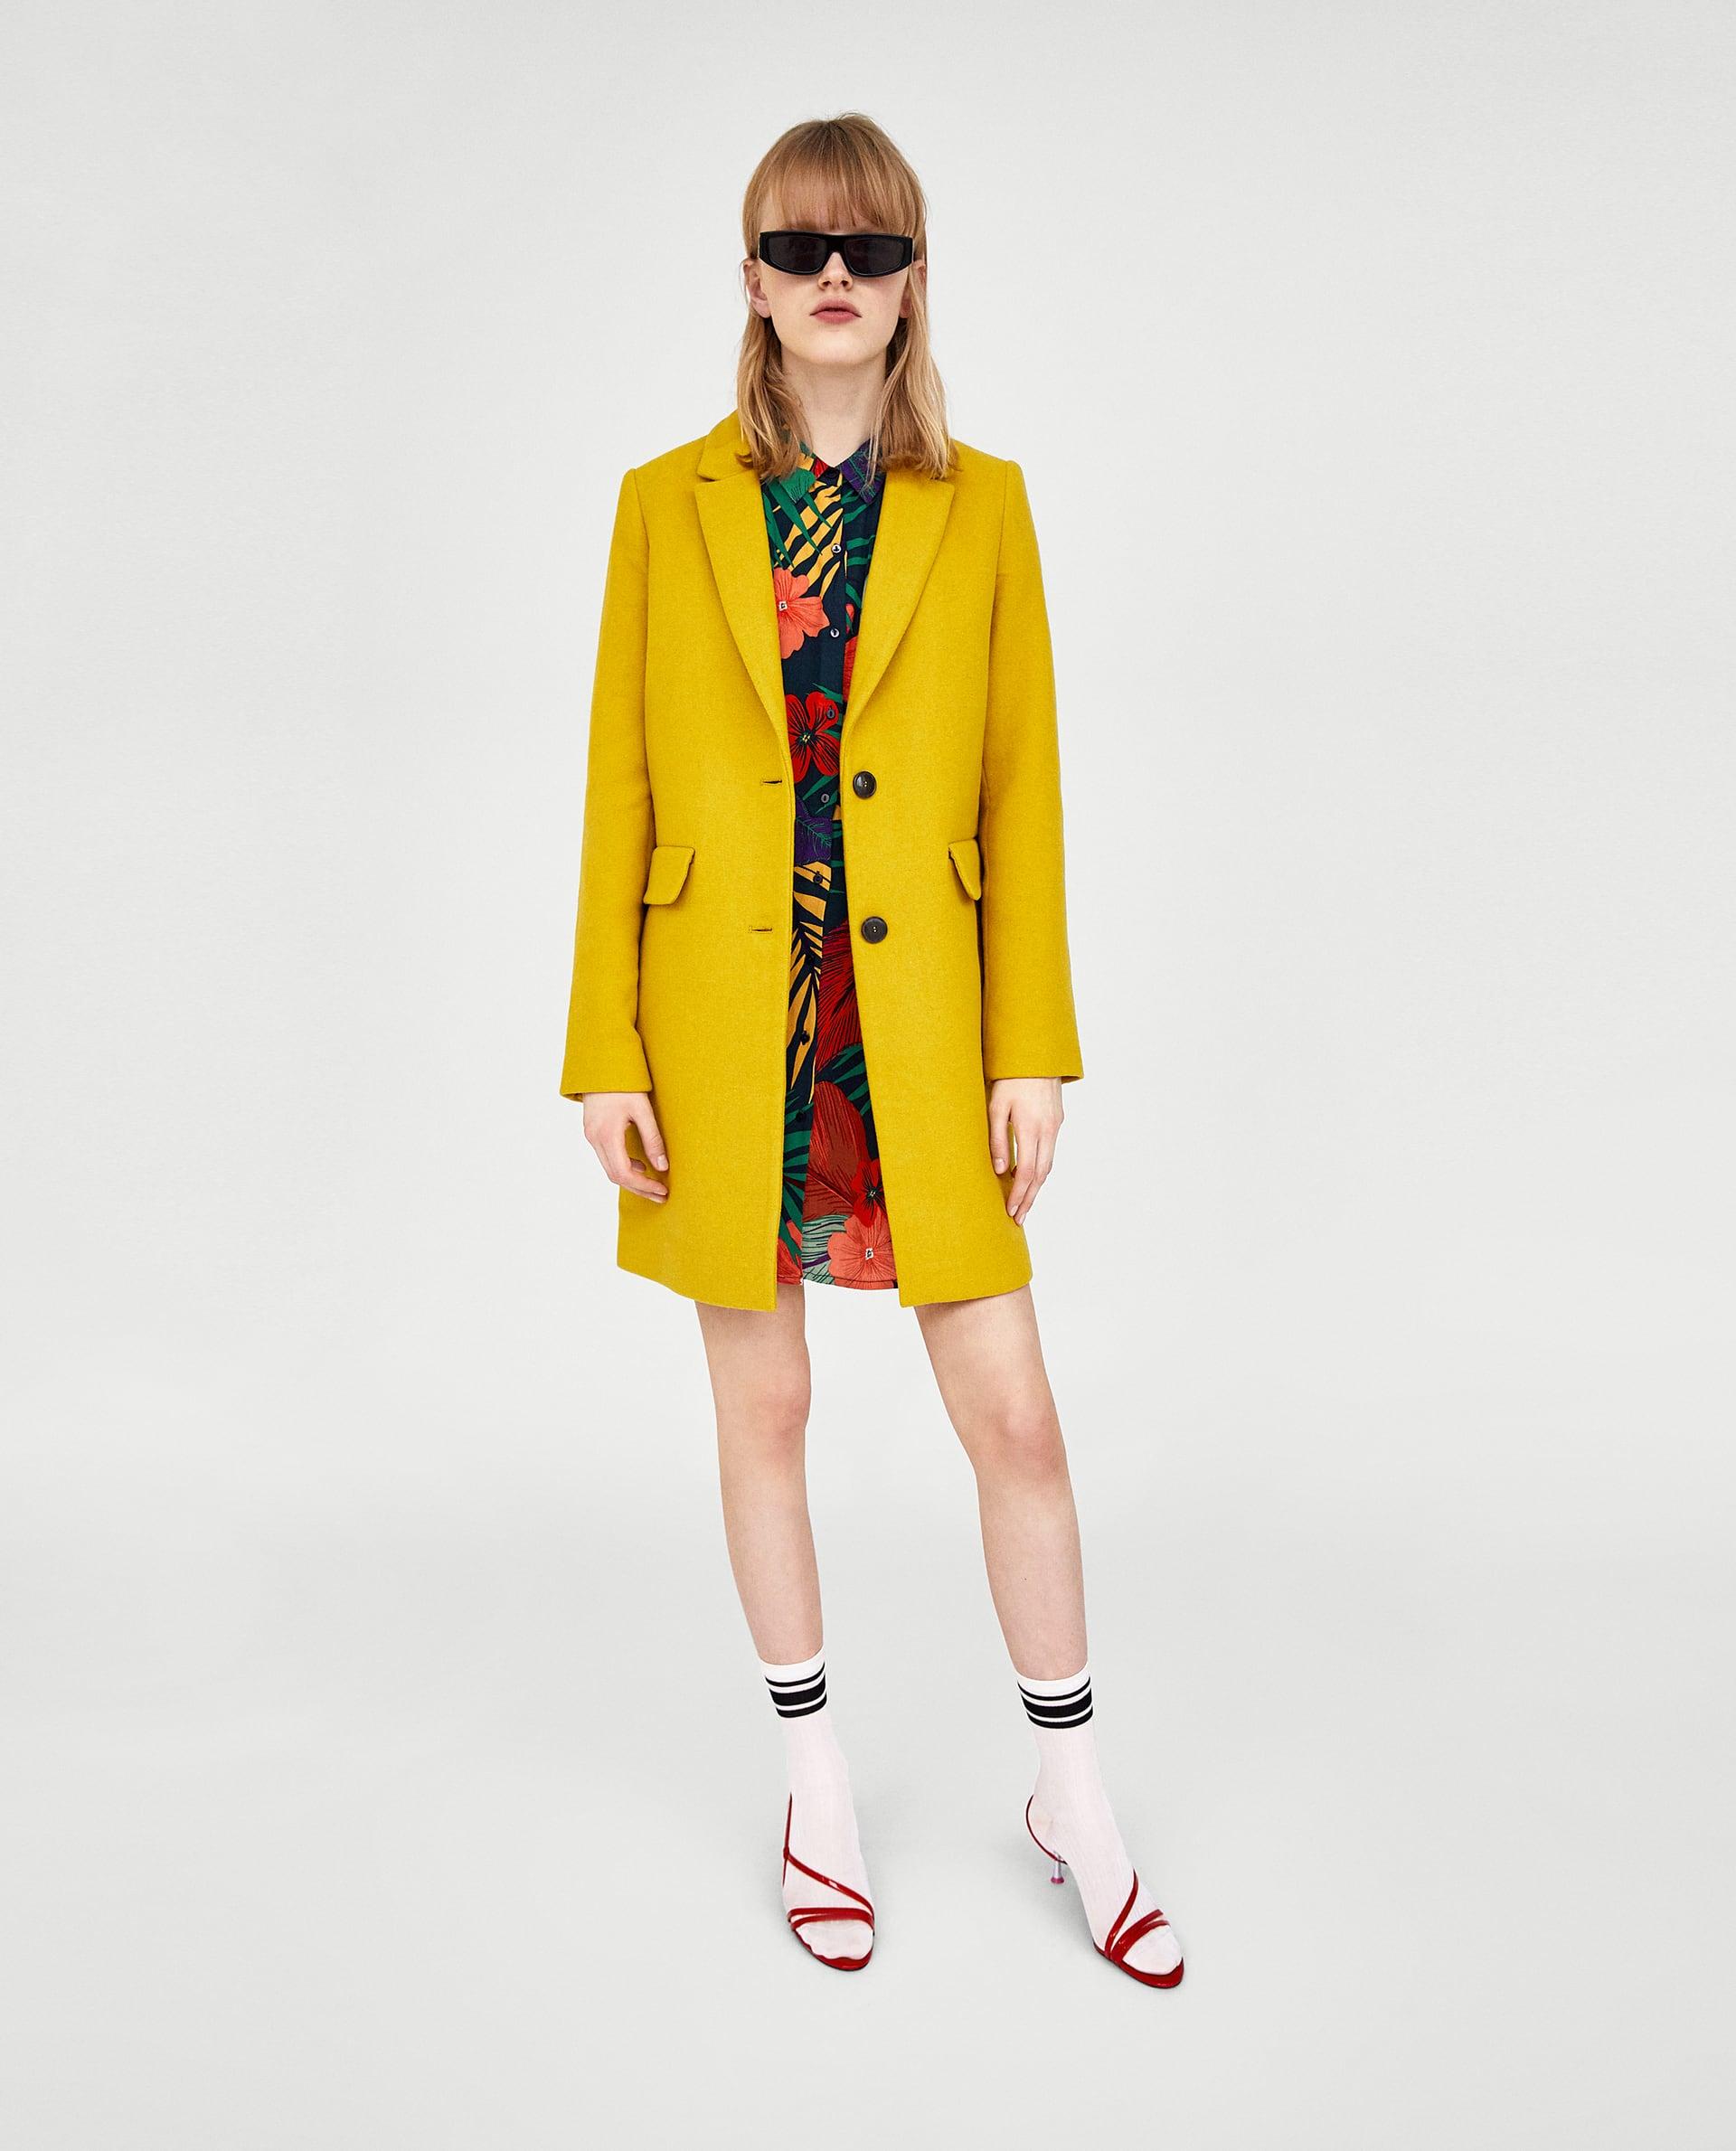 Cappotto giallo Zara collezione primavera estate 2018